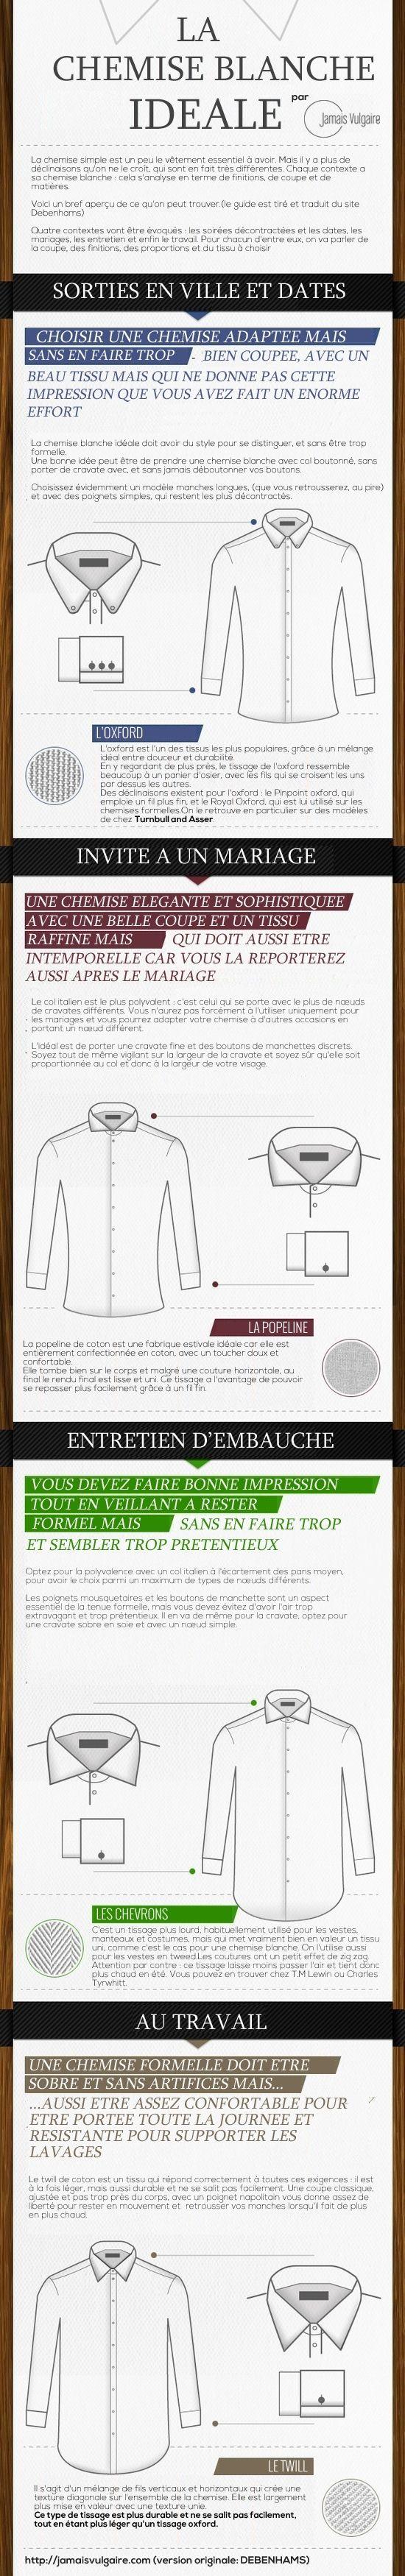 infographie-chemise-contexte-mariage-entretien-embauche